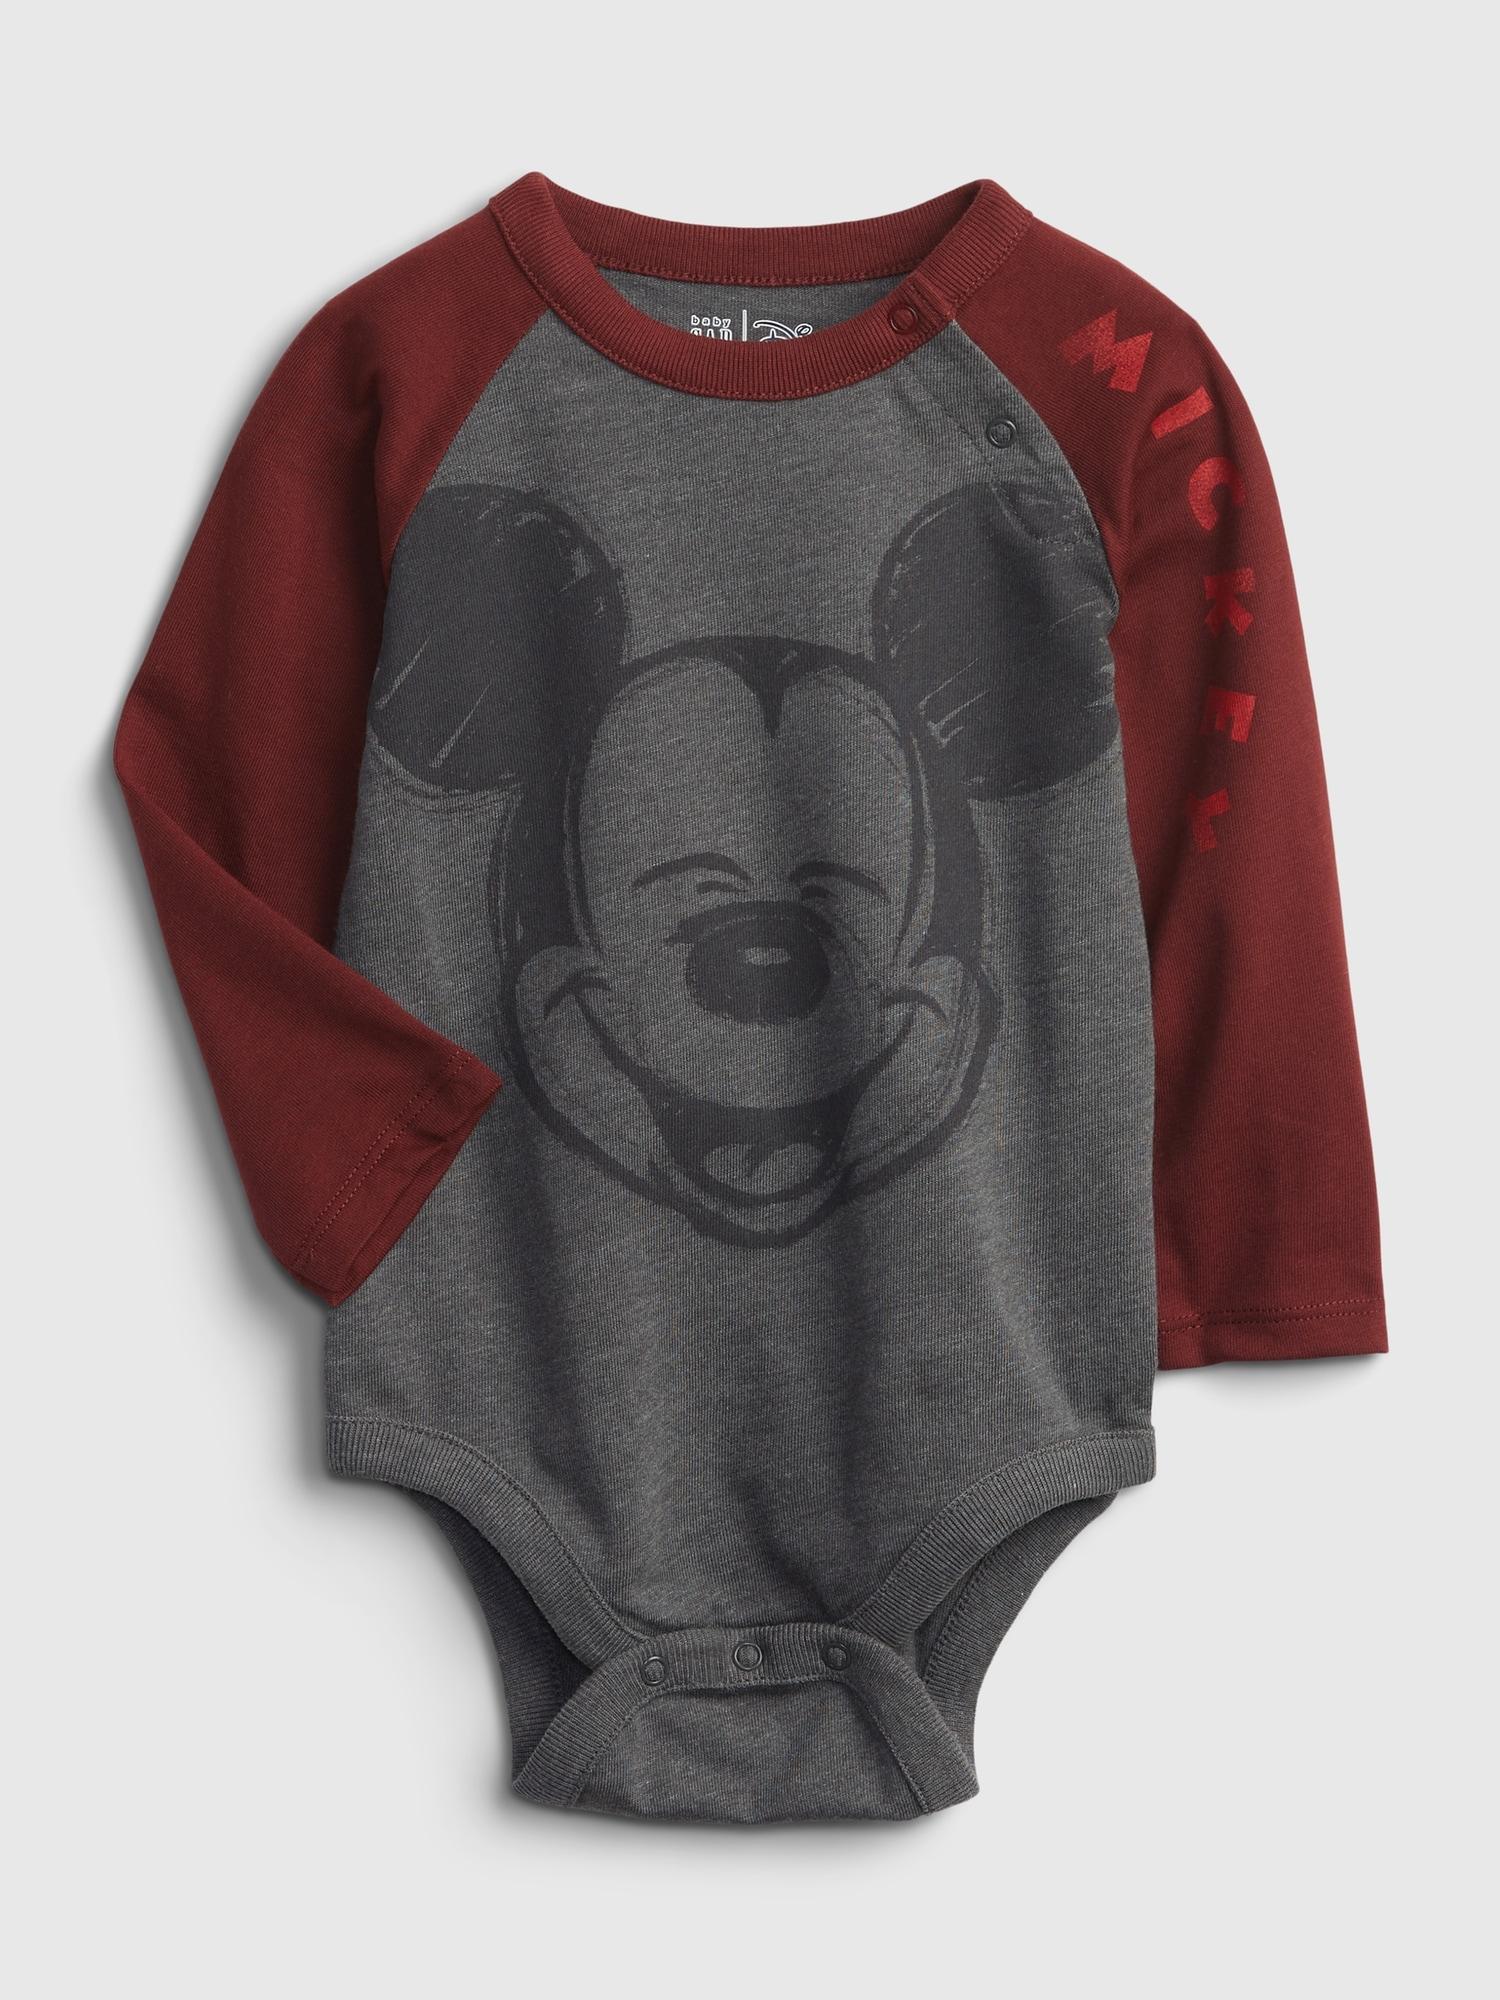 Babygap ディズニー ミッキーマウス ボディシャツ